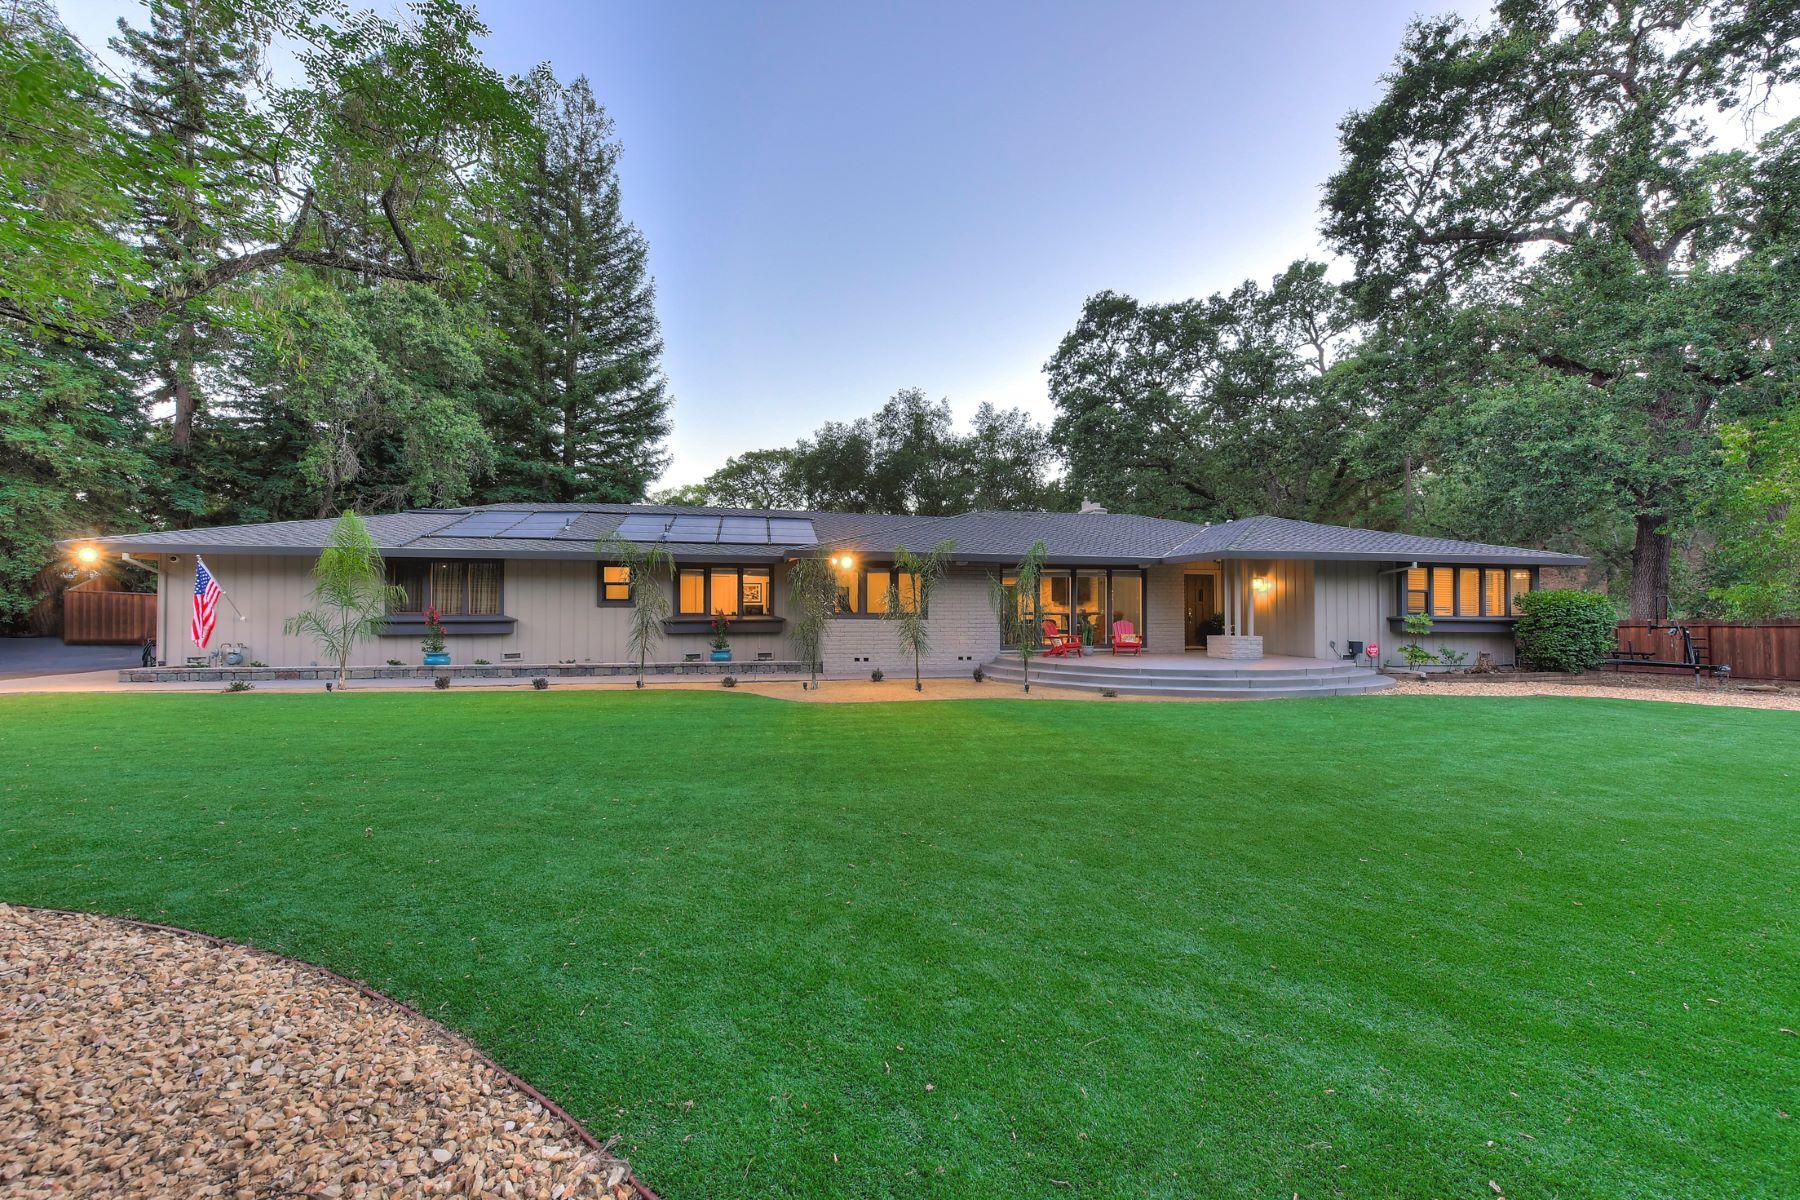 Casa Unifamiliar por un Venta en 2194 Allegheny Rd, El Dorado Hills, CA 95762 El Dorado Hills, California 95762 Estados Unidos